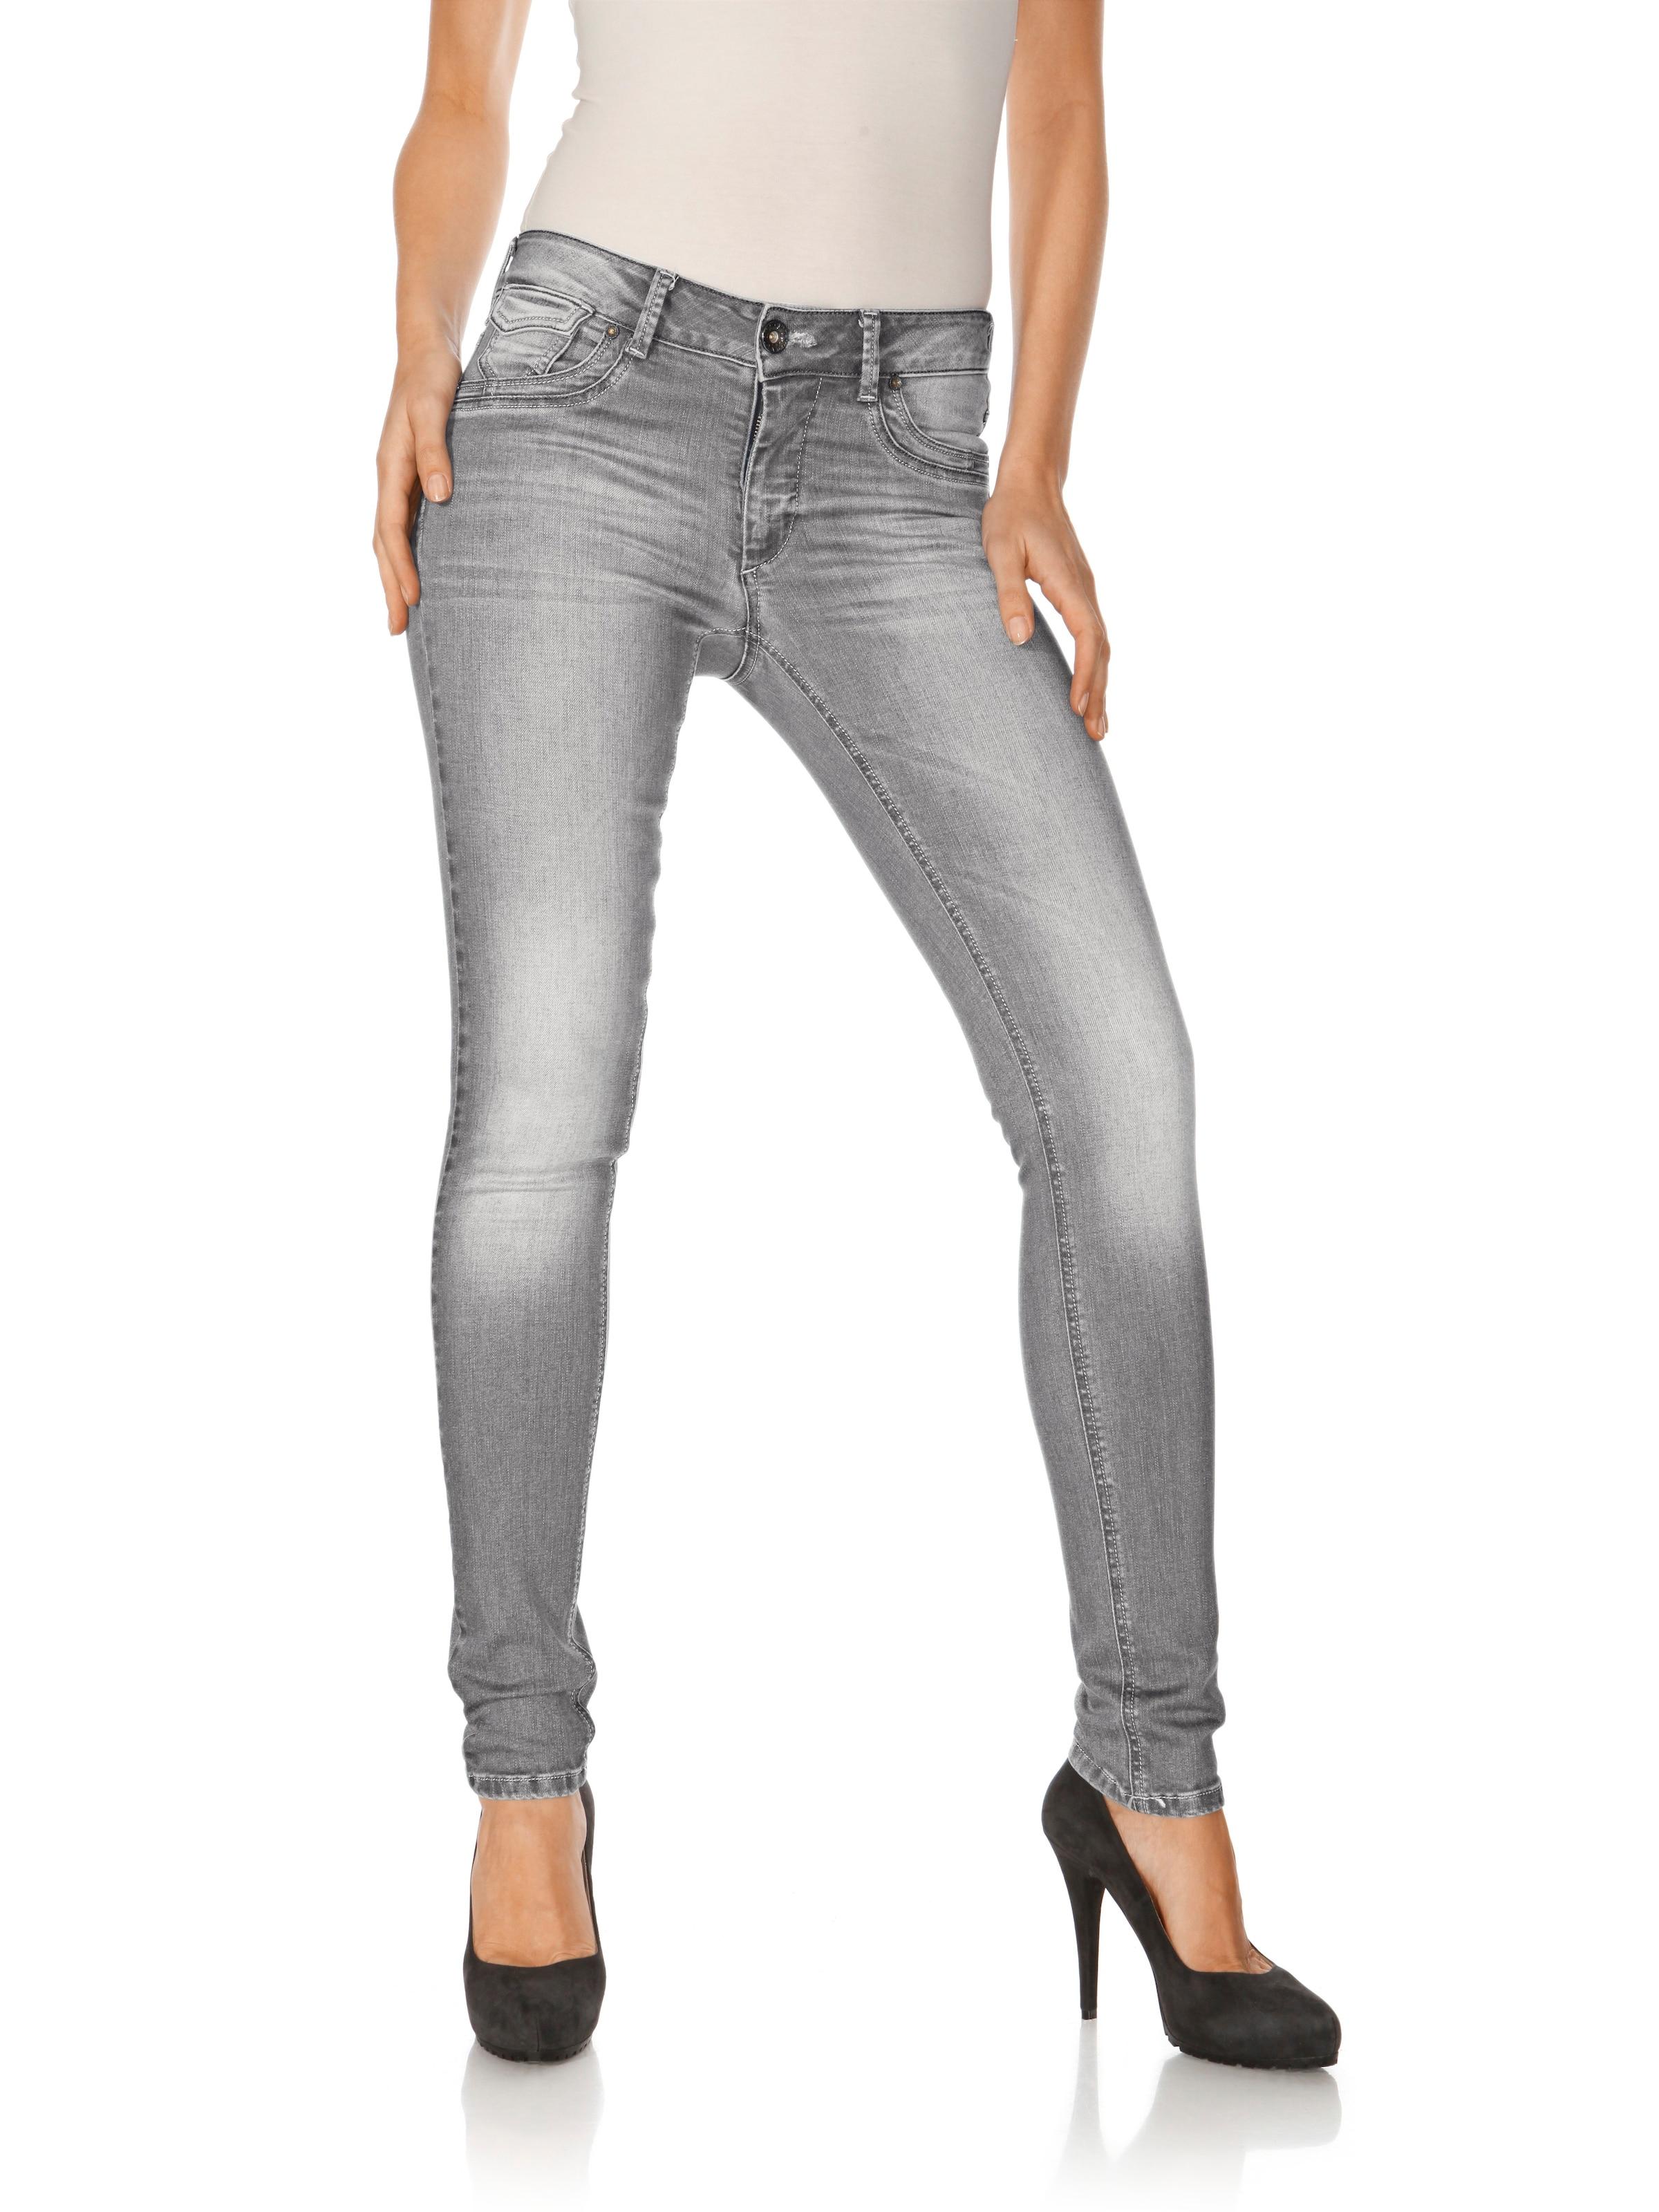 B.C. Best Connections by heine Jeans mit Used-Waschung Super Angebote Original Günstiger Preis dqPUzSE